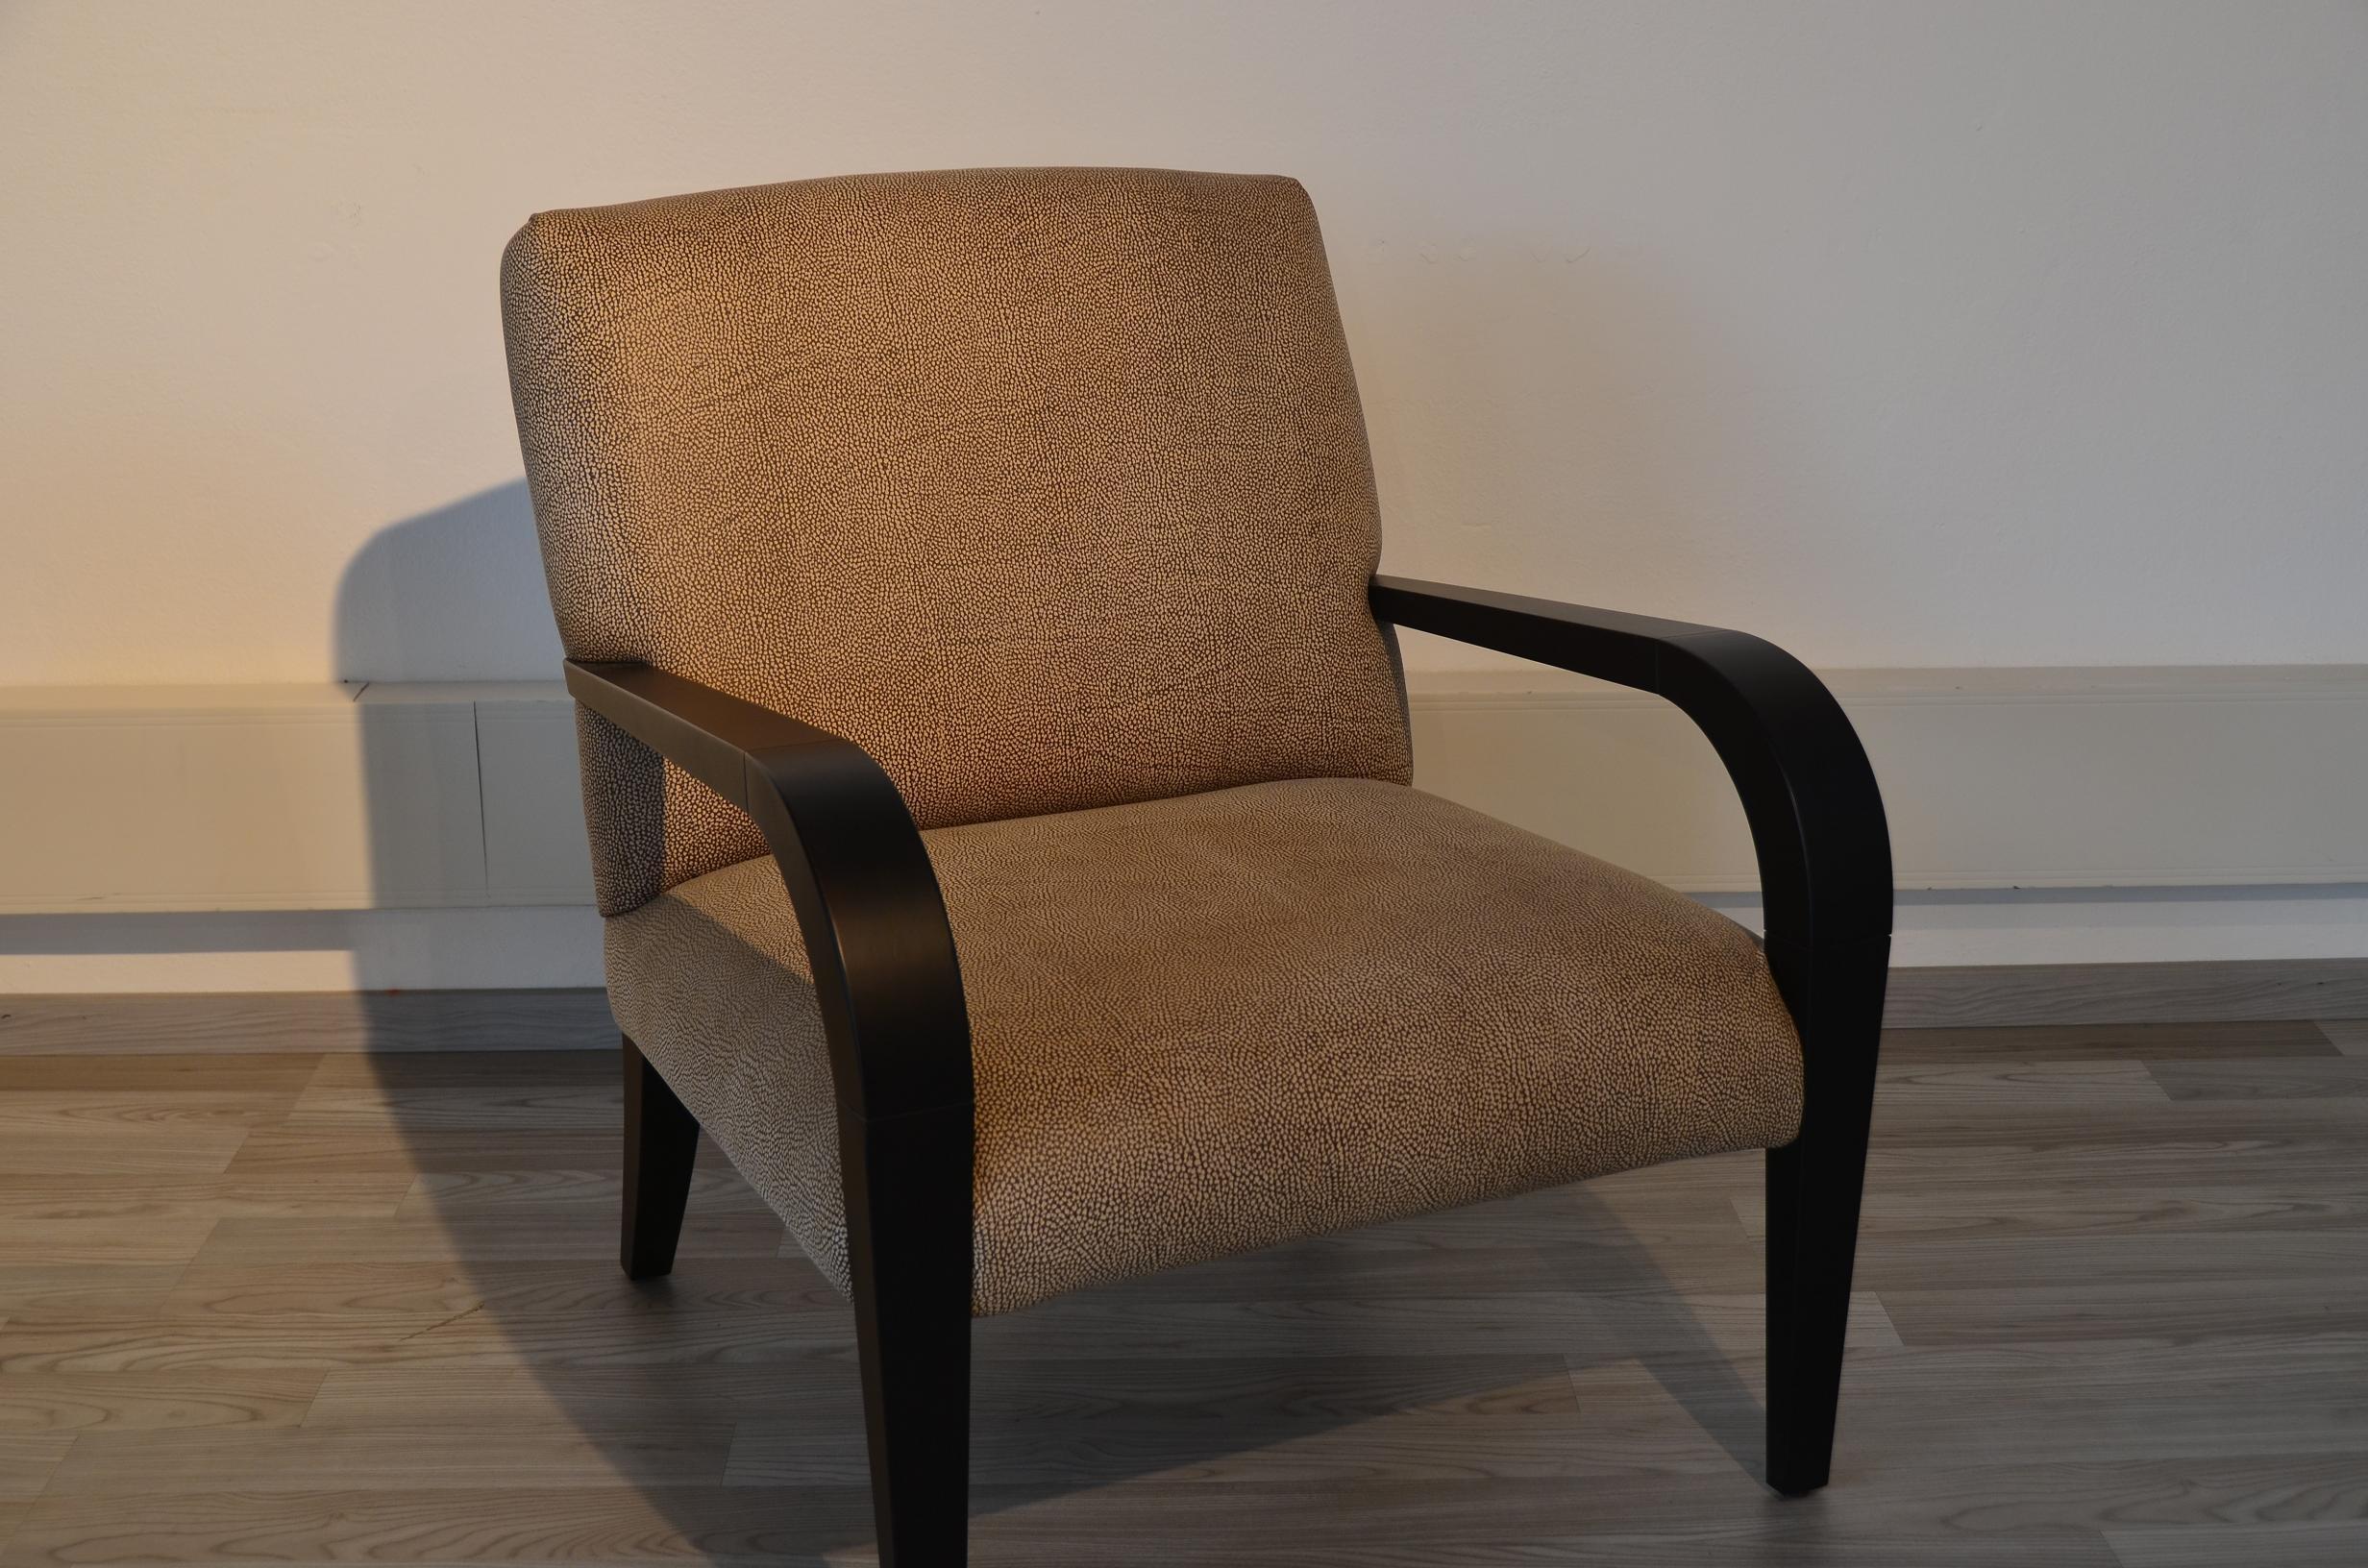 Divani Minotti Outlet: ... divani minotti: design in primo ...